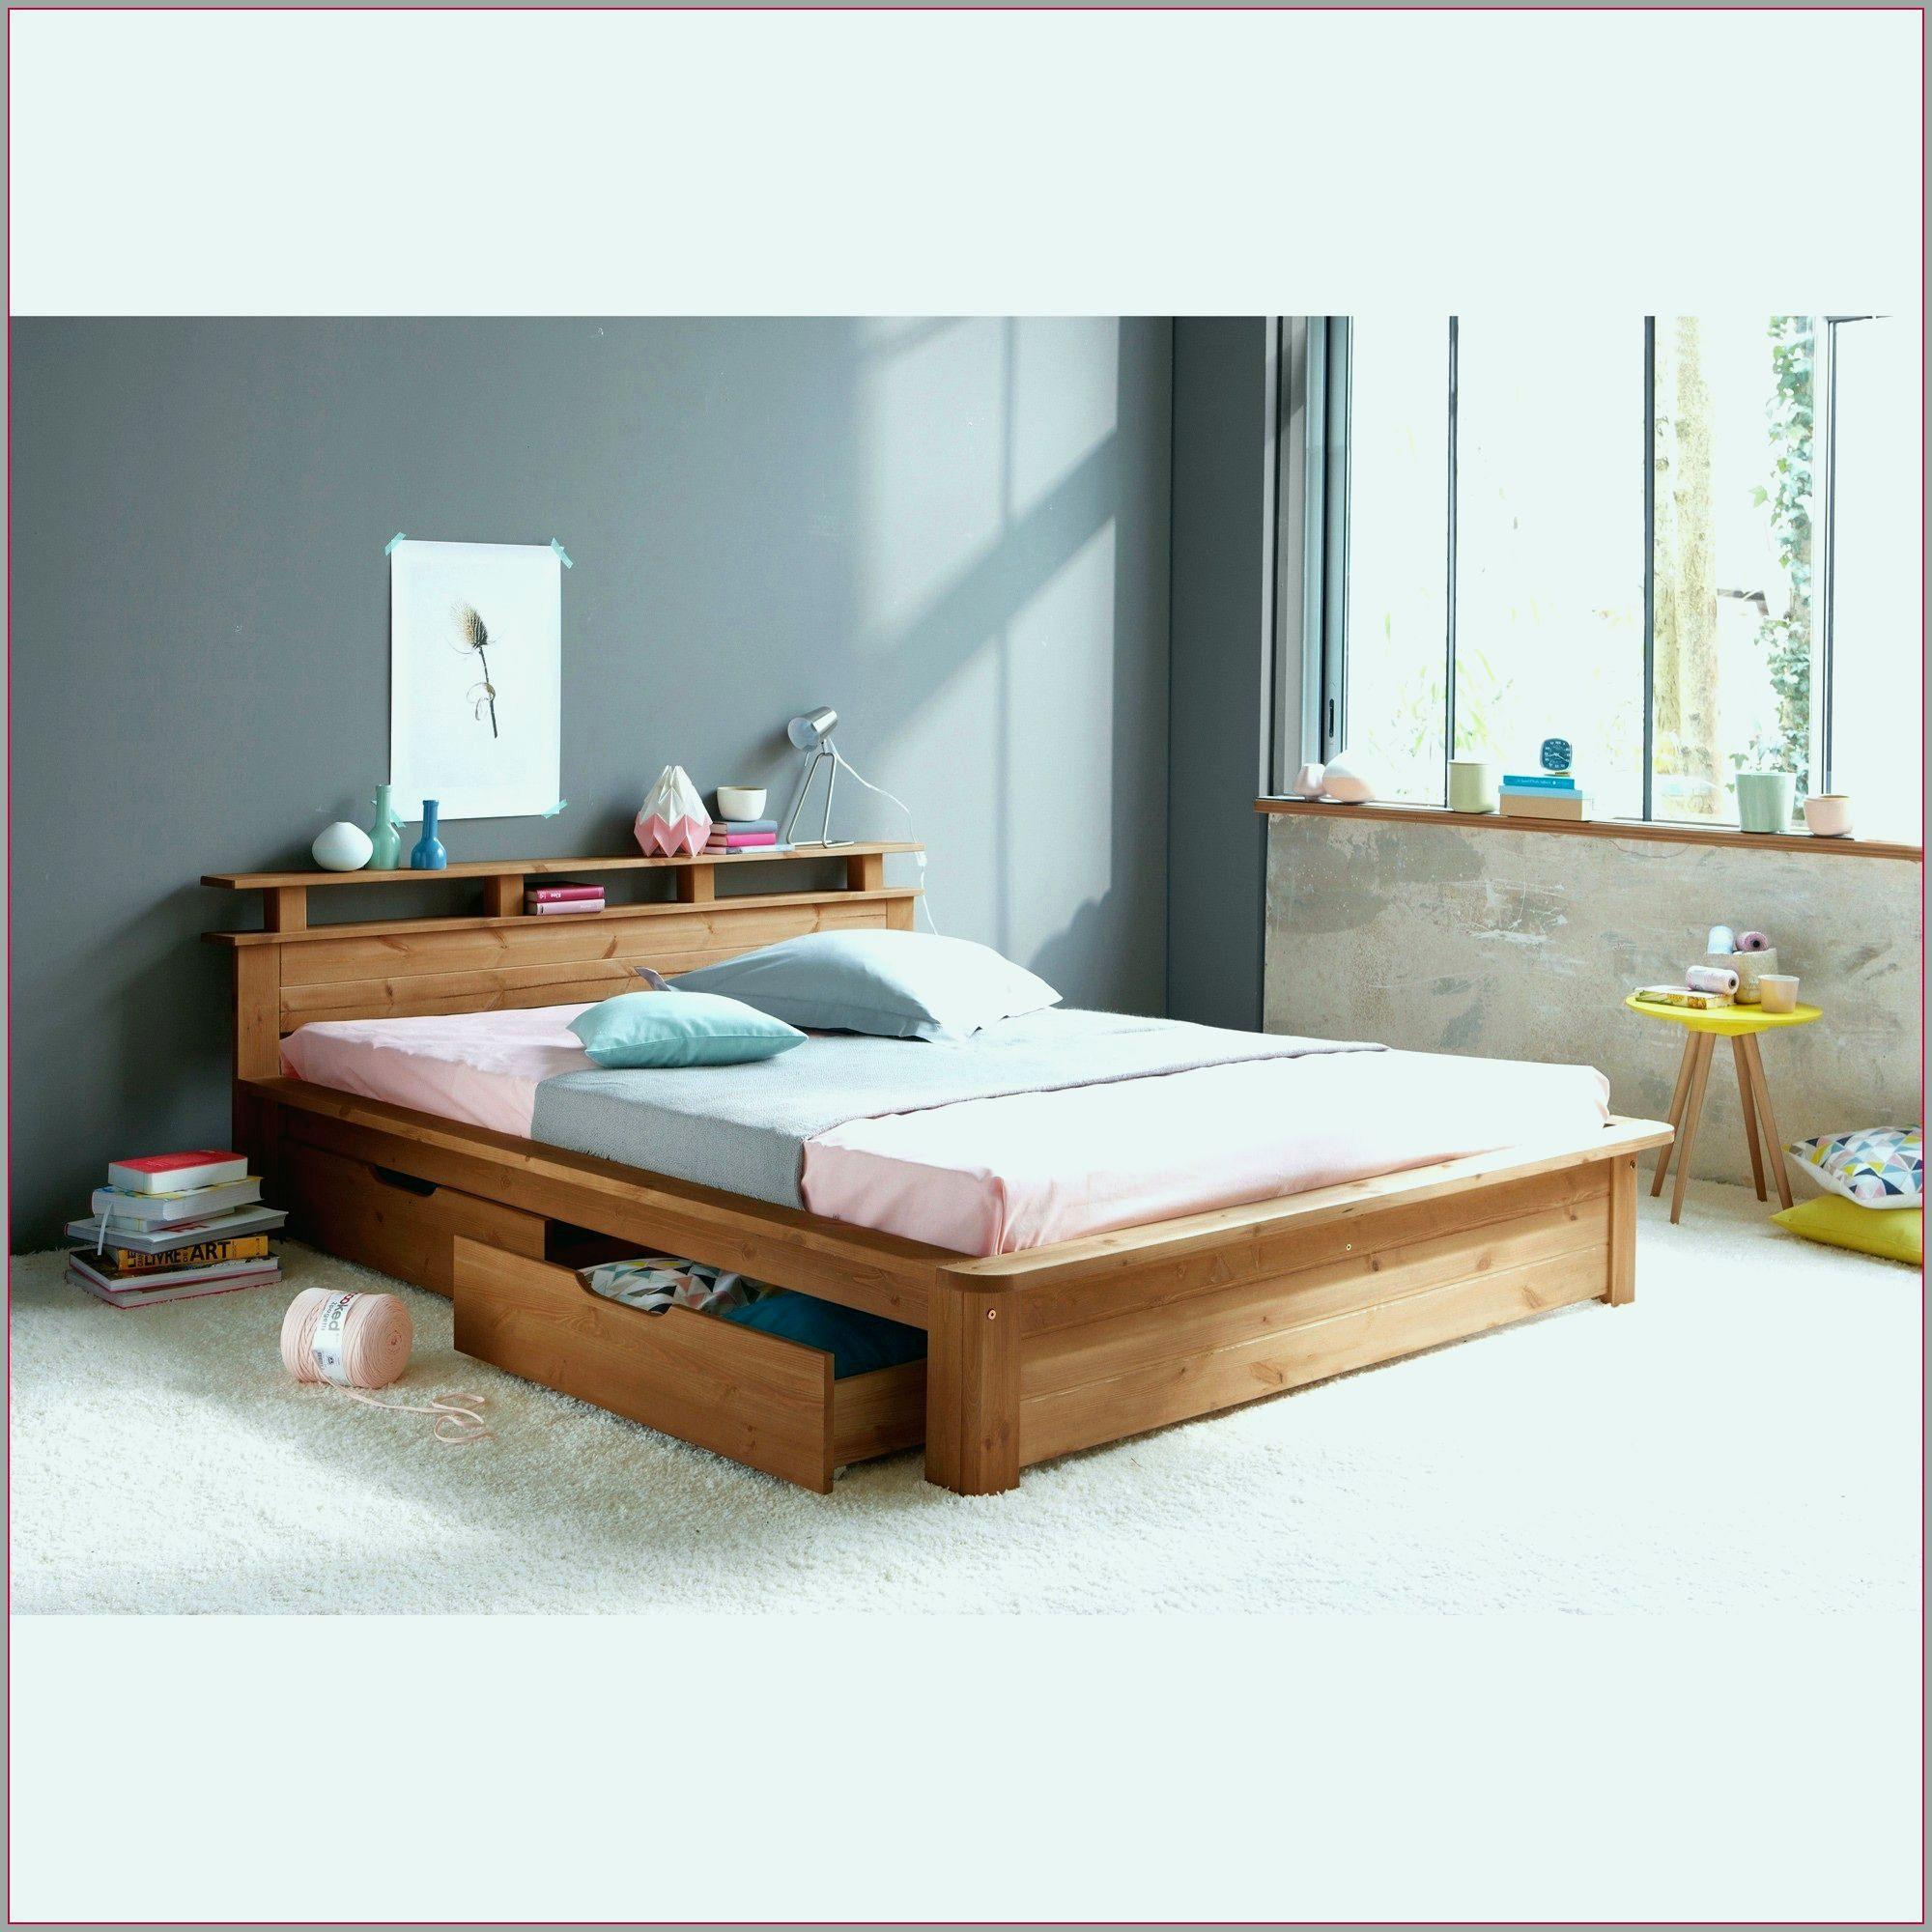 Lit Deux Places Avec Rangement Impressionnant sommier 2 Places Lit Avec Rangement Meilleur De sommier Ikea 140—190